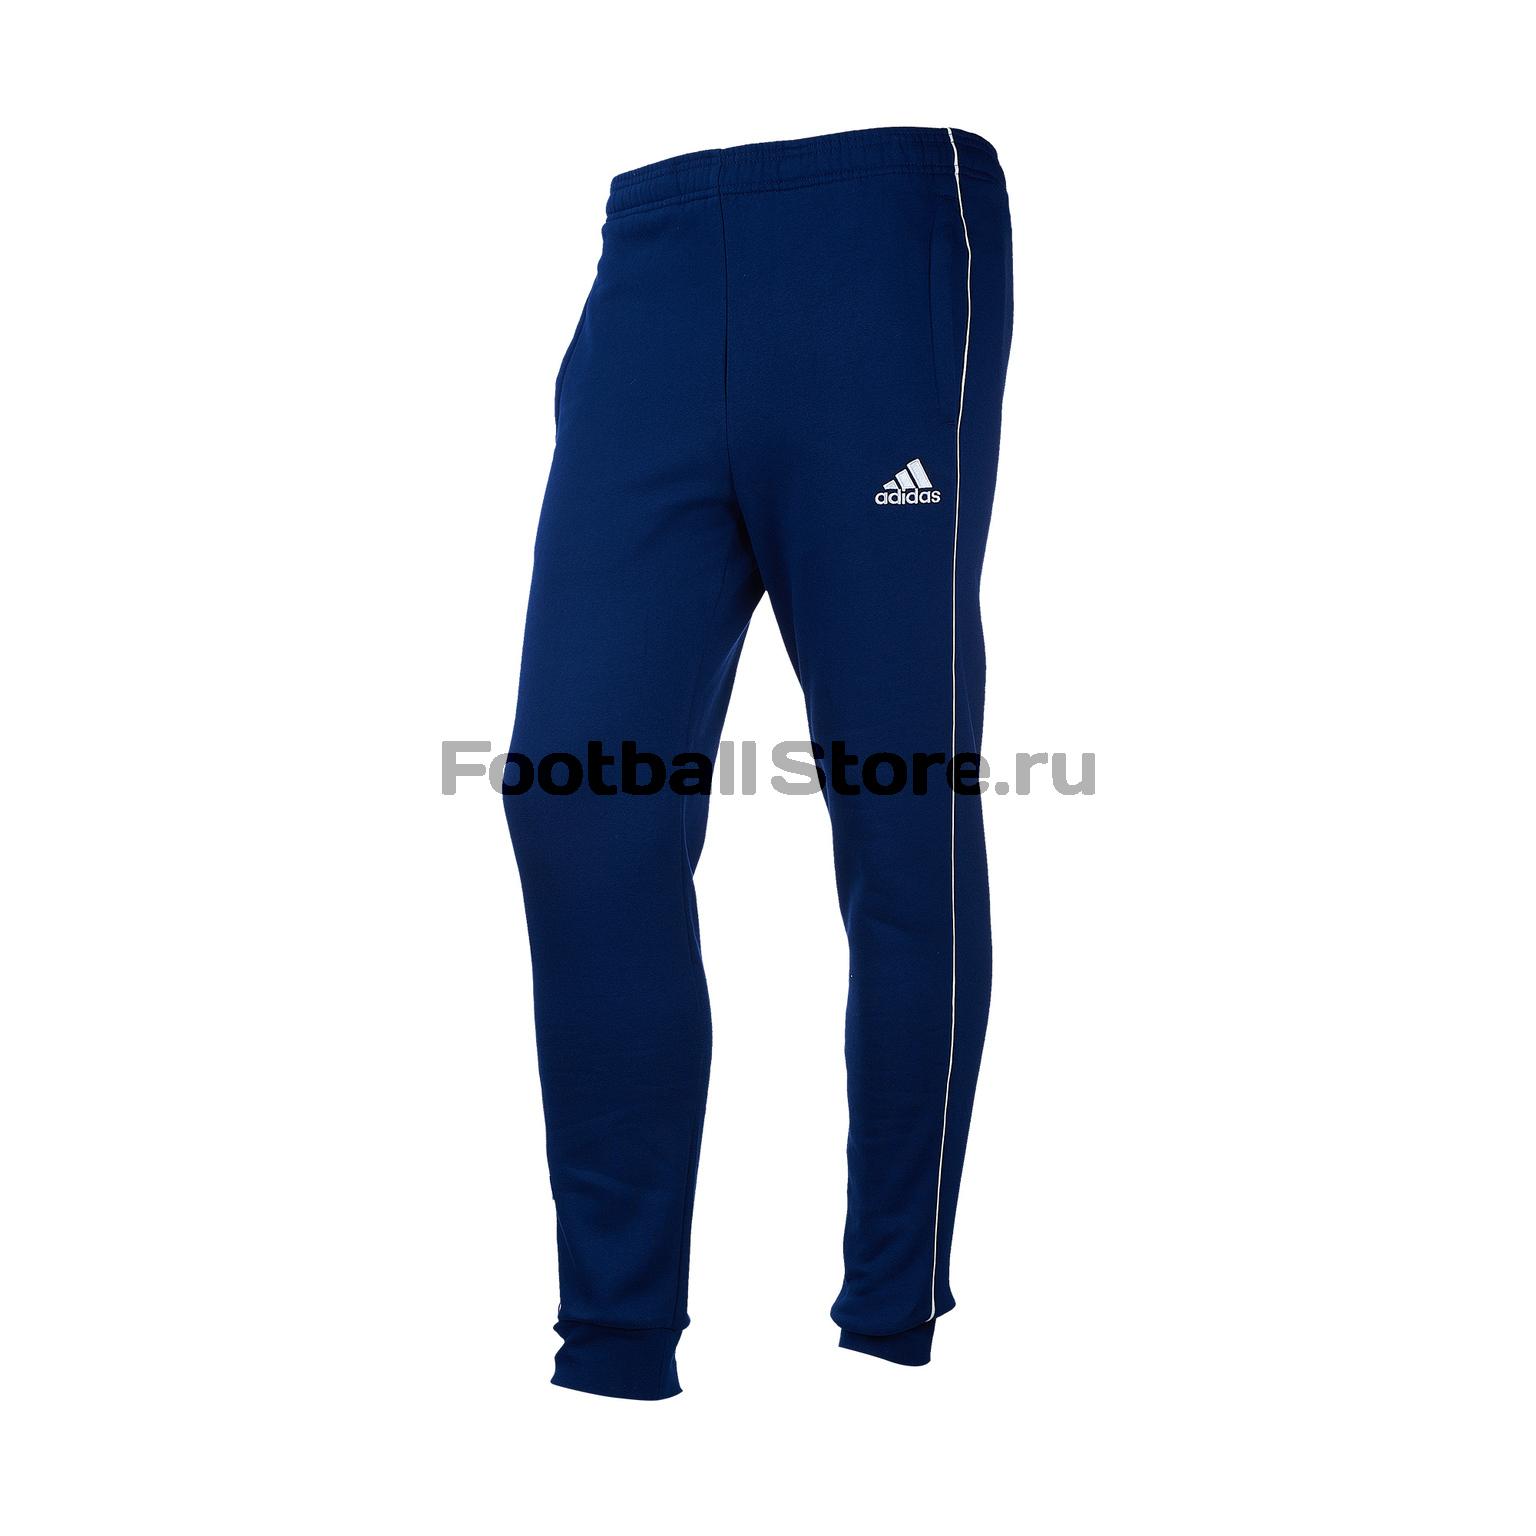 Брюки тренировочные Adidas Core18 SW Pnt CV3753 брюки adidas брюки тренировочные adidas tiro17 swt pnt ay2960